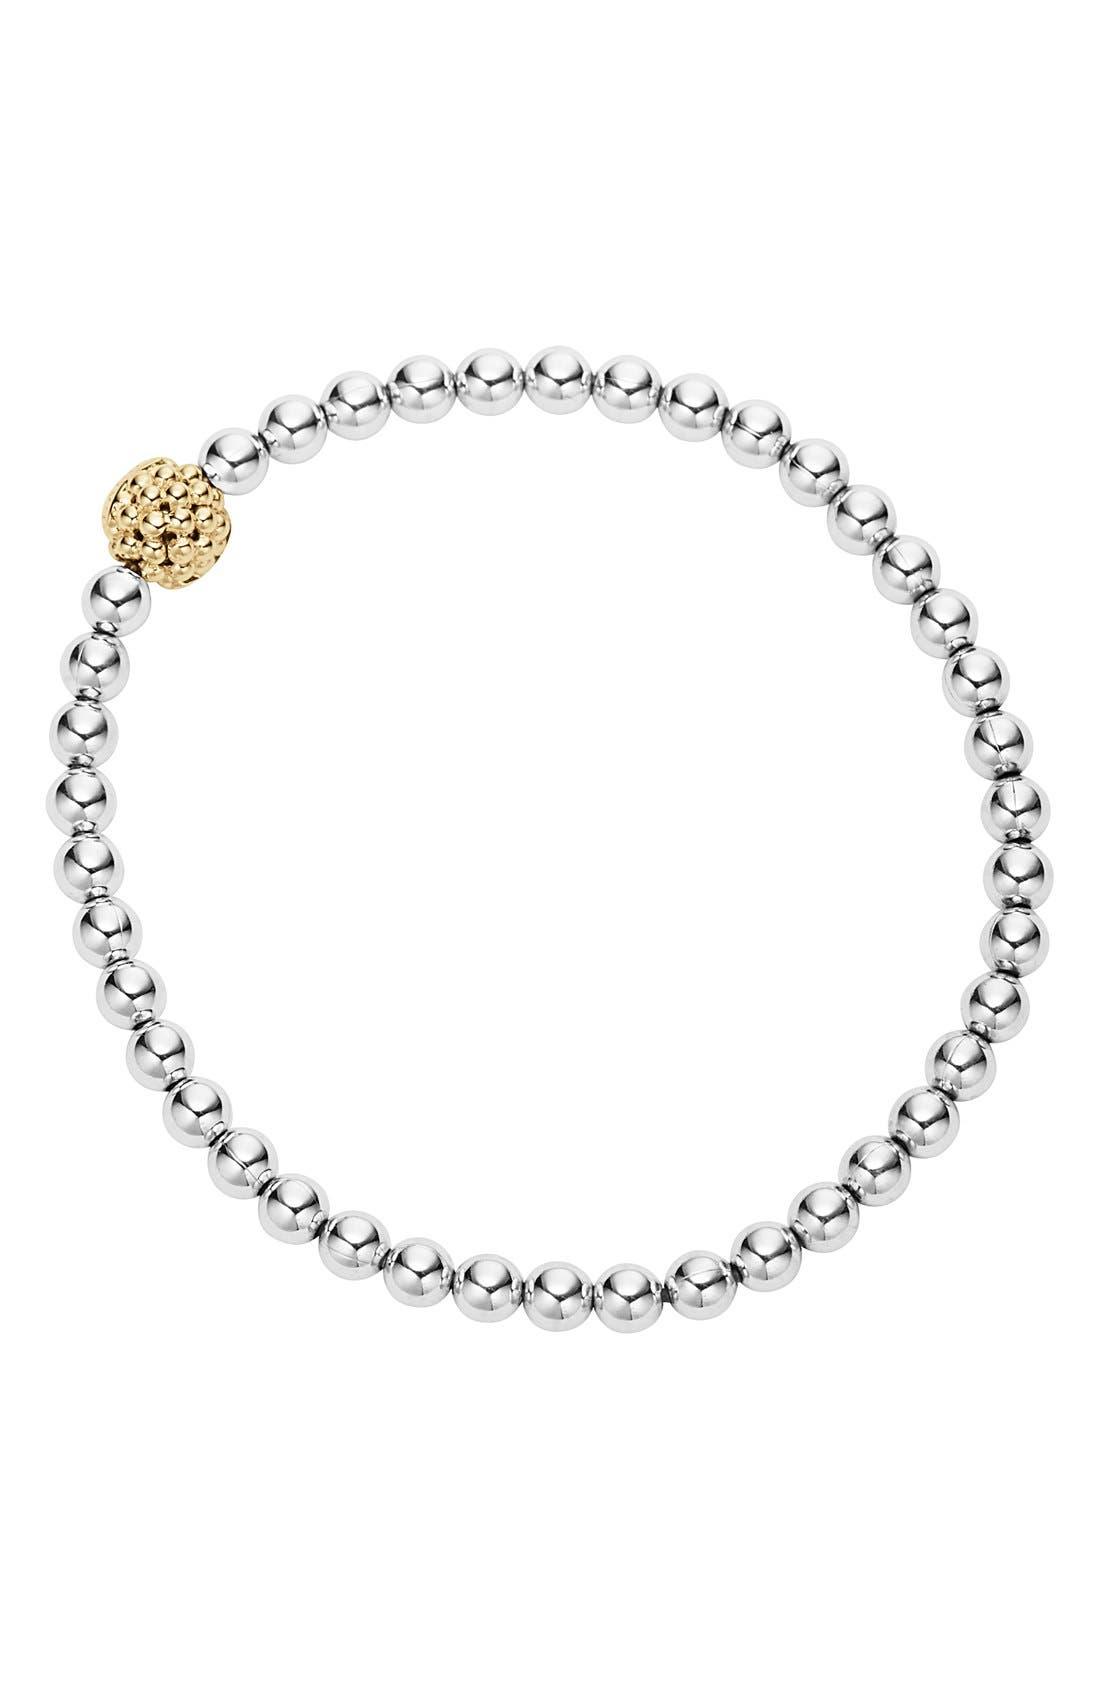 Caviar Icon Ball Bracelet,                             Main thumbnail 1, color,                             SILVER/ GOLD BALL